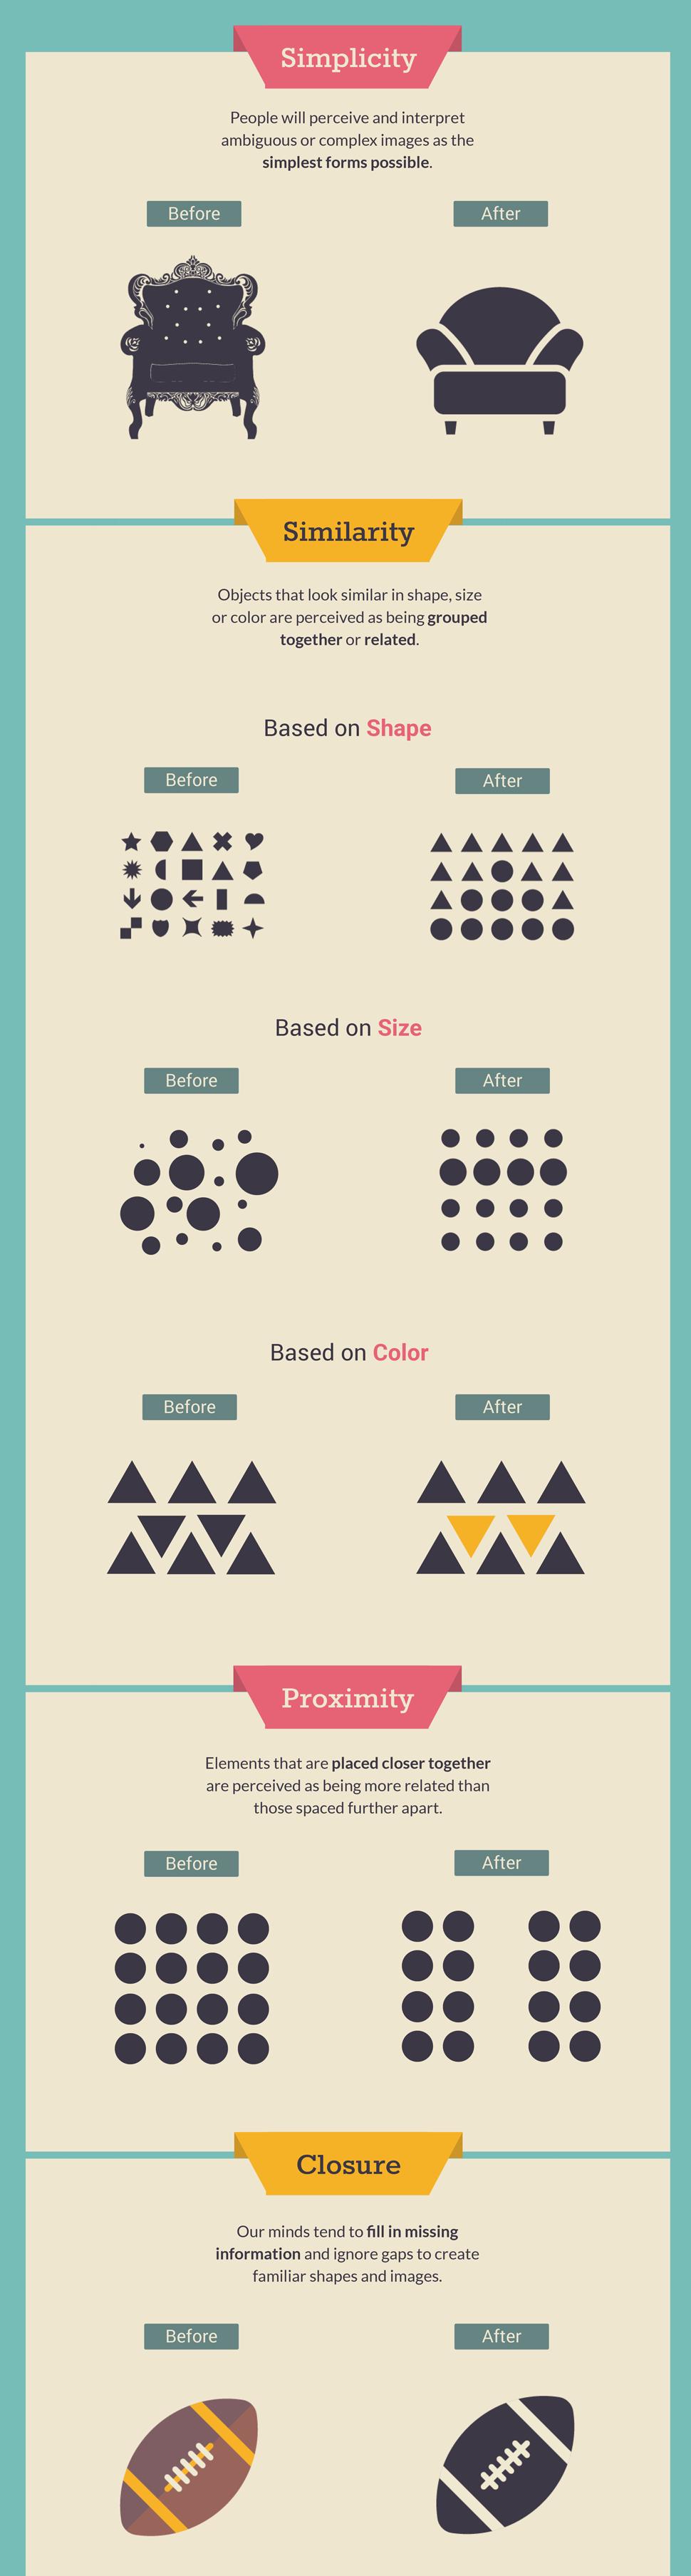 Инфографика о принципах гештальт-восприятия